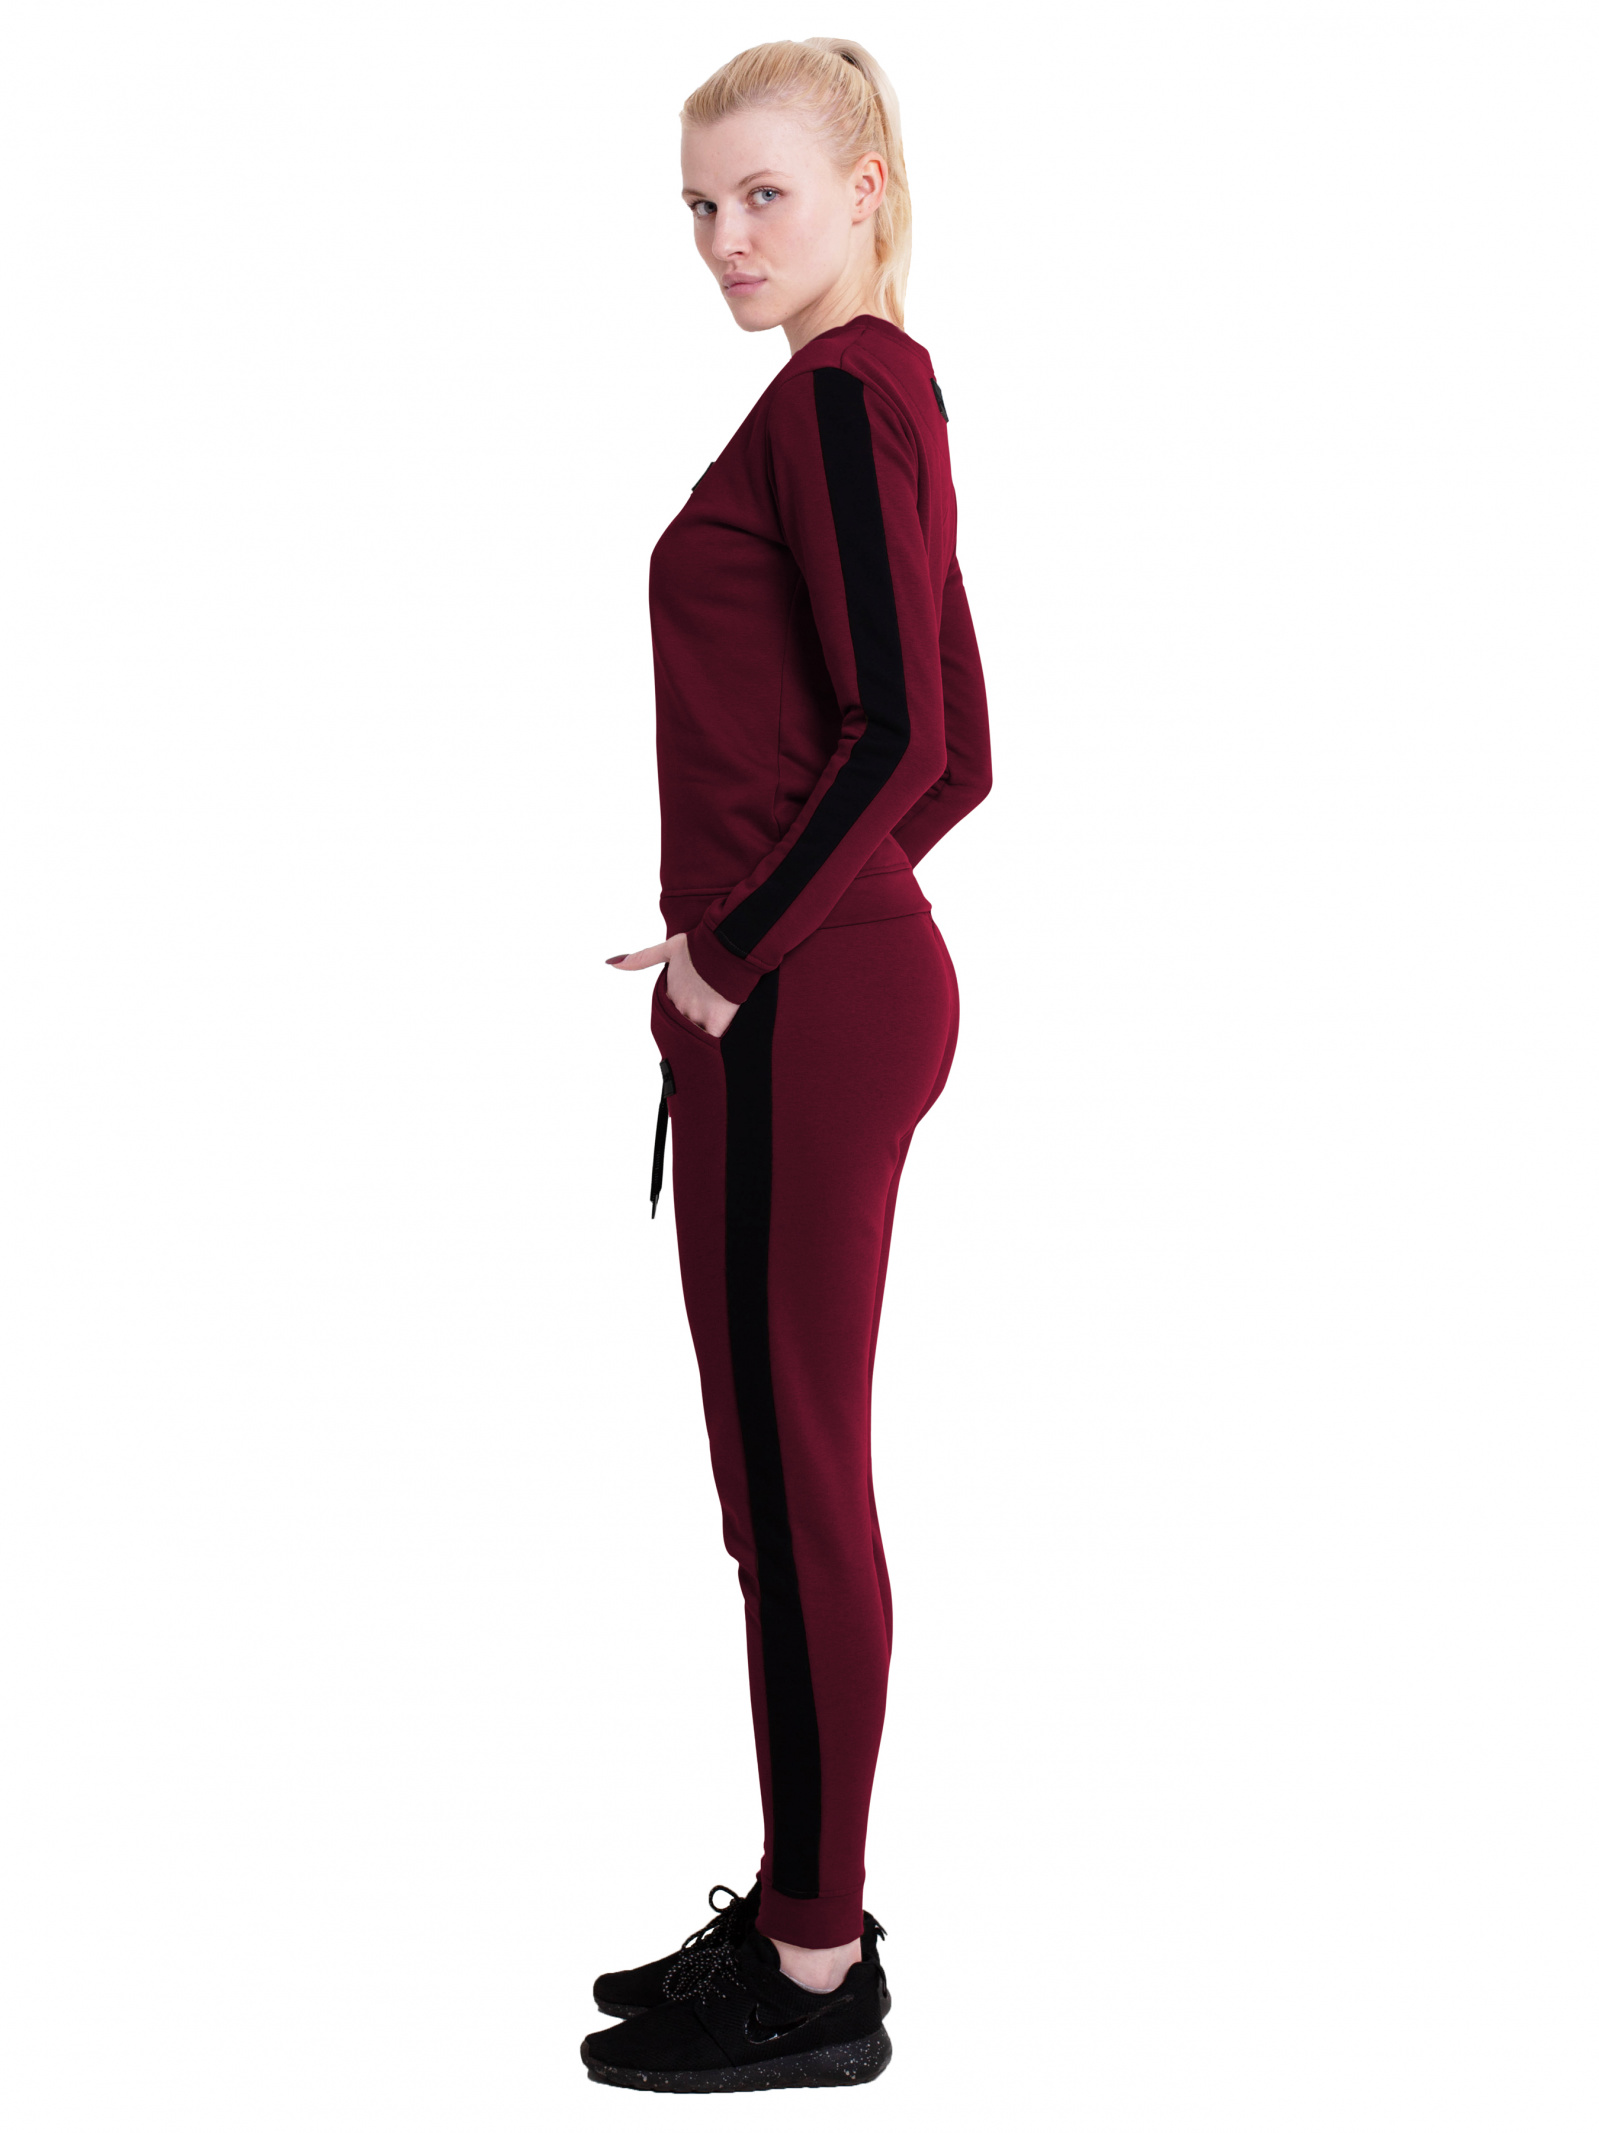 KARUA Костюм (спорт) жіночі модель S-00656 відгуки, 2017